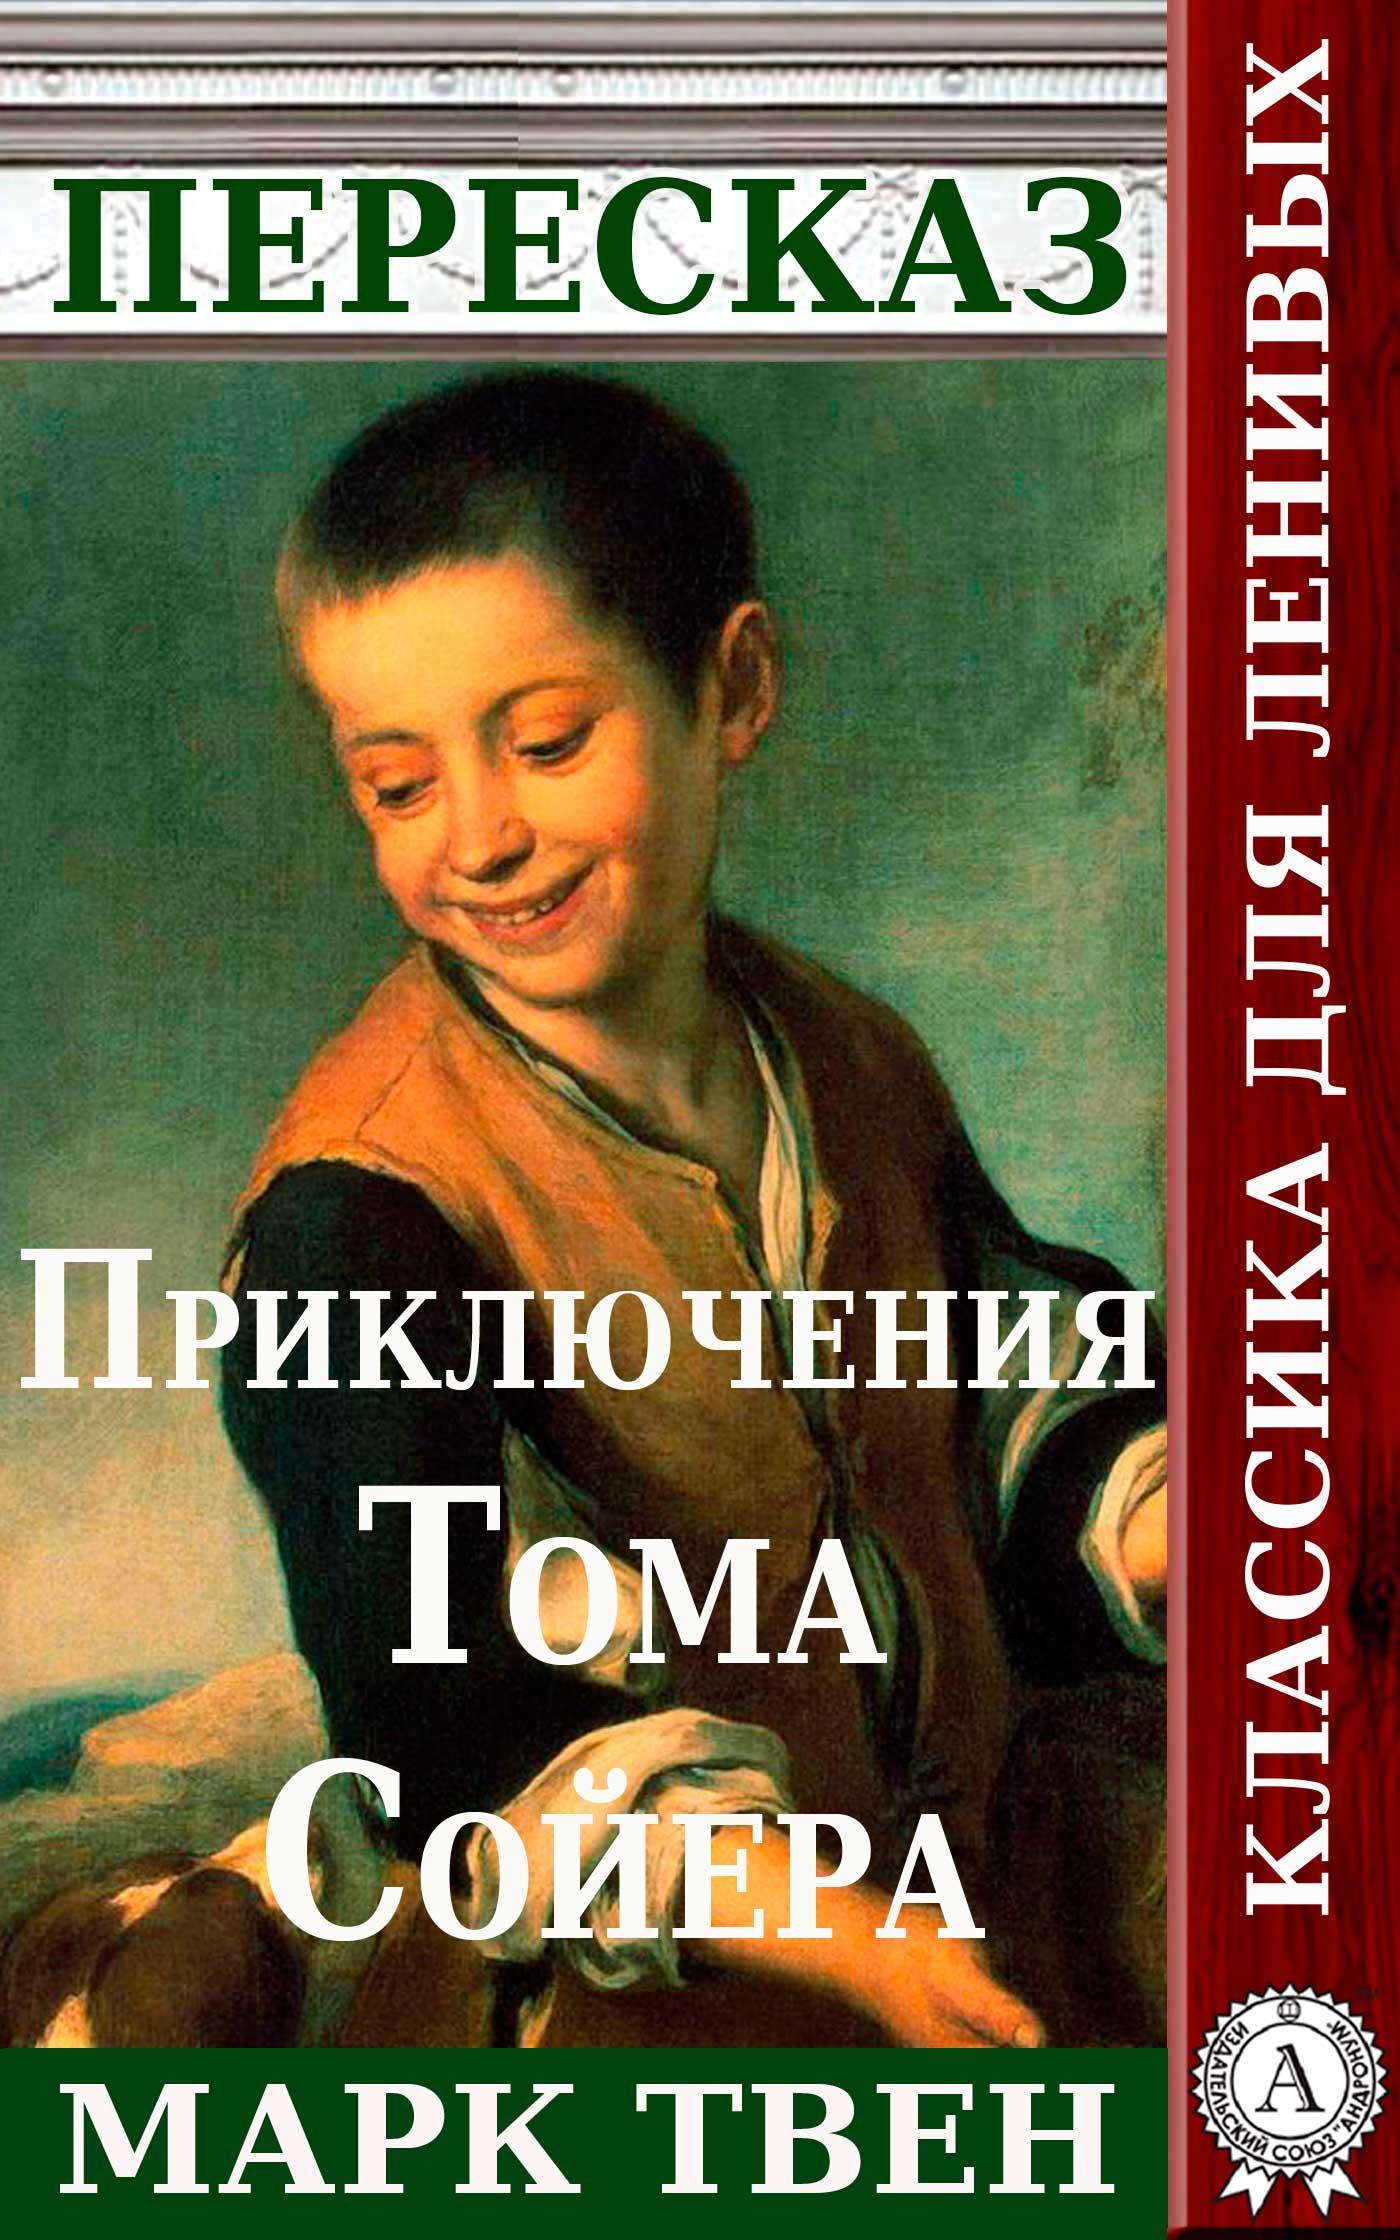 Пересказ романа Марка Твена «Приключения Тома Сойера»